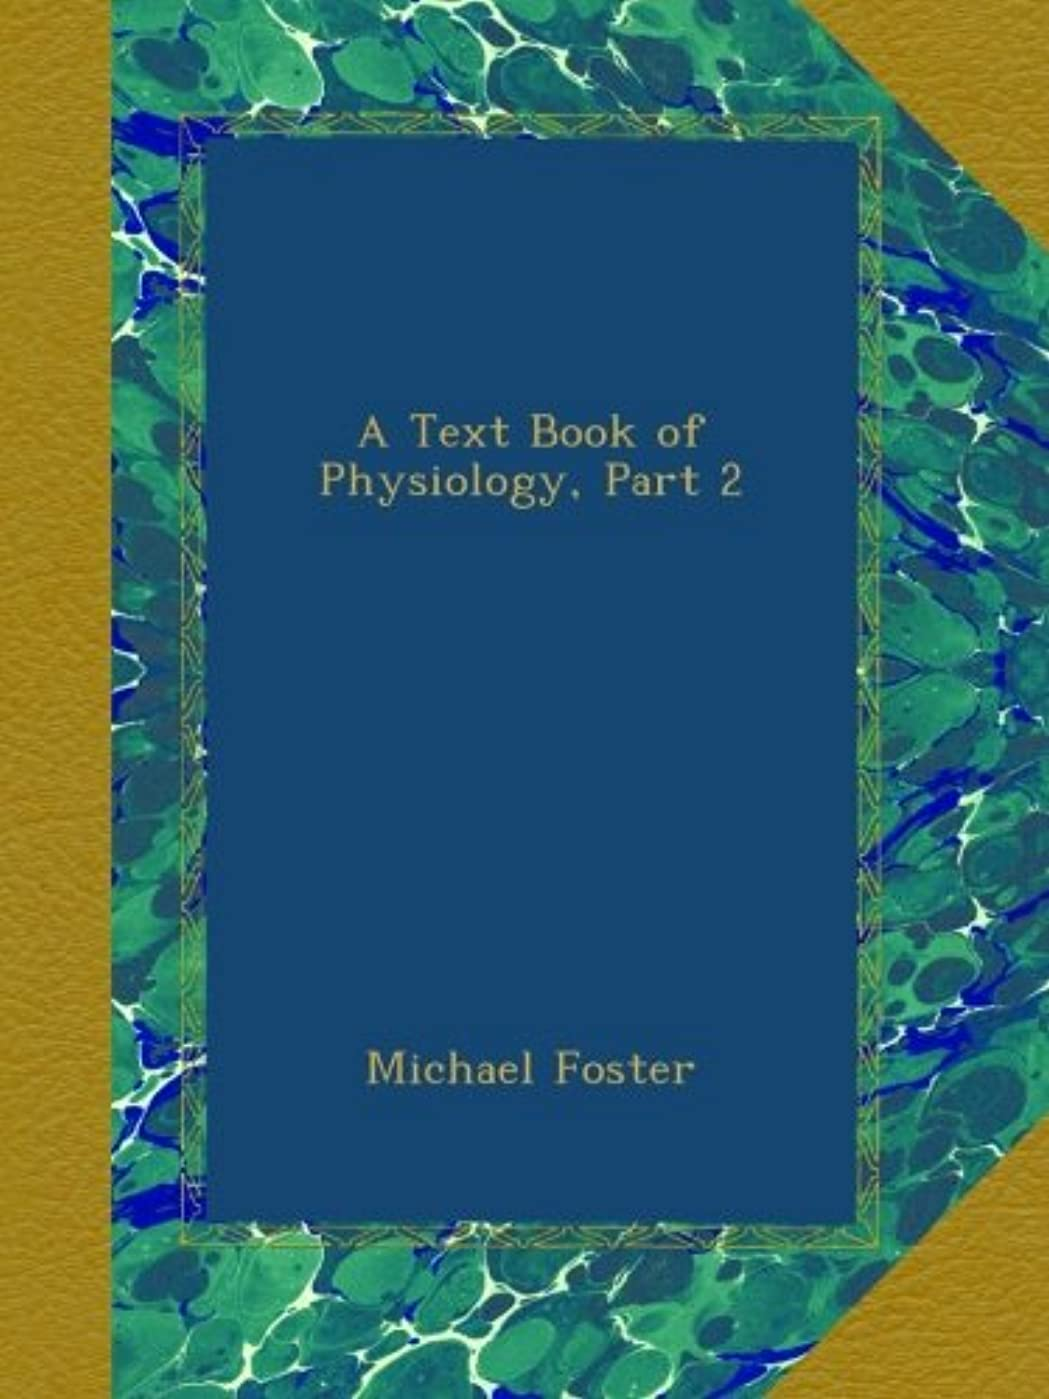 シエスタ仮定する恩赦A Text Book of Physiology, Part 2